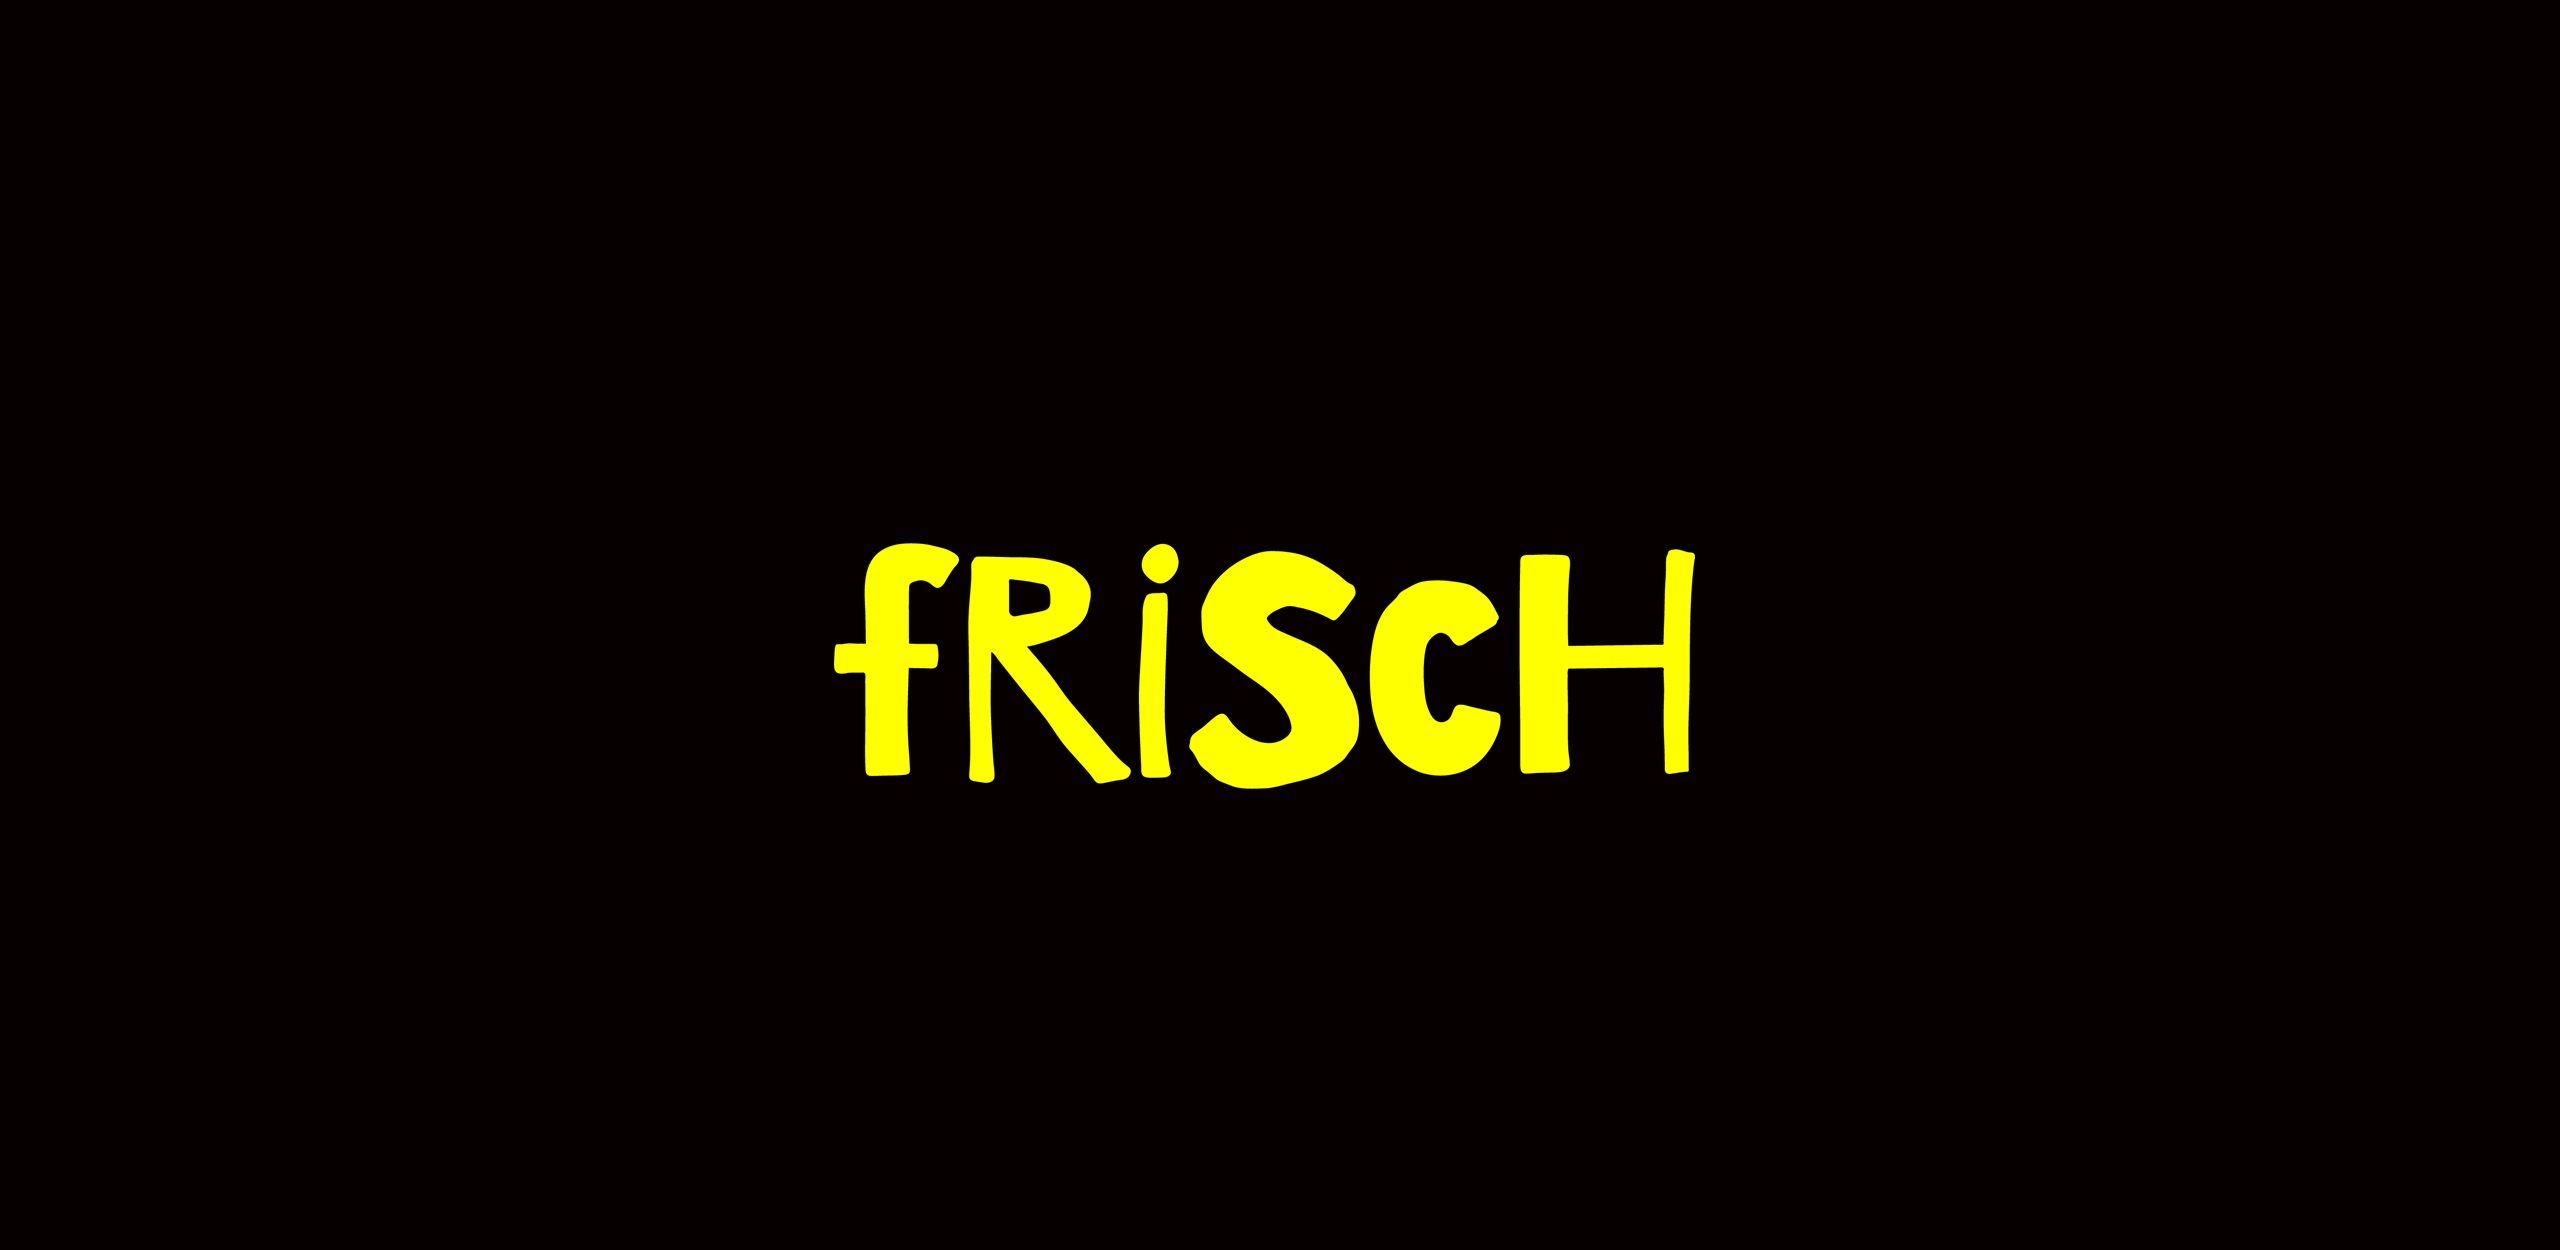 Jouis Nour frish logo